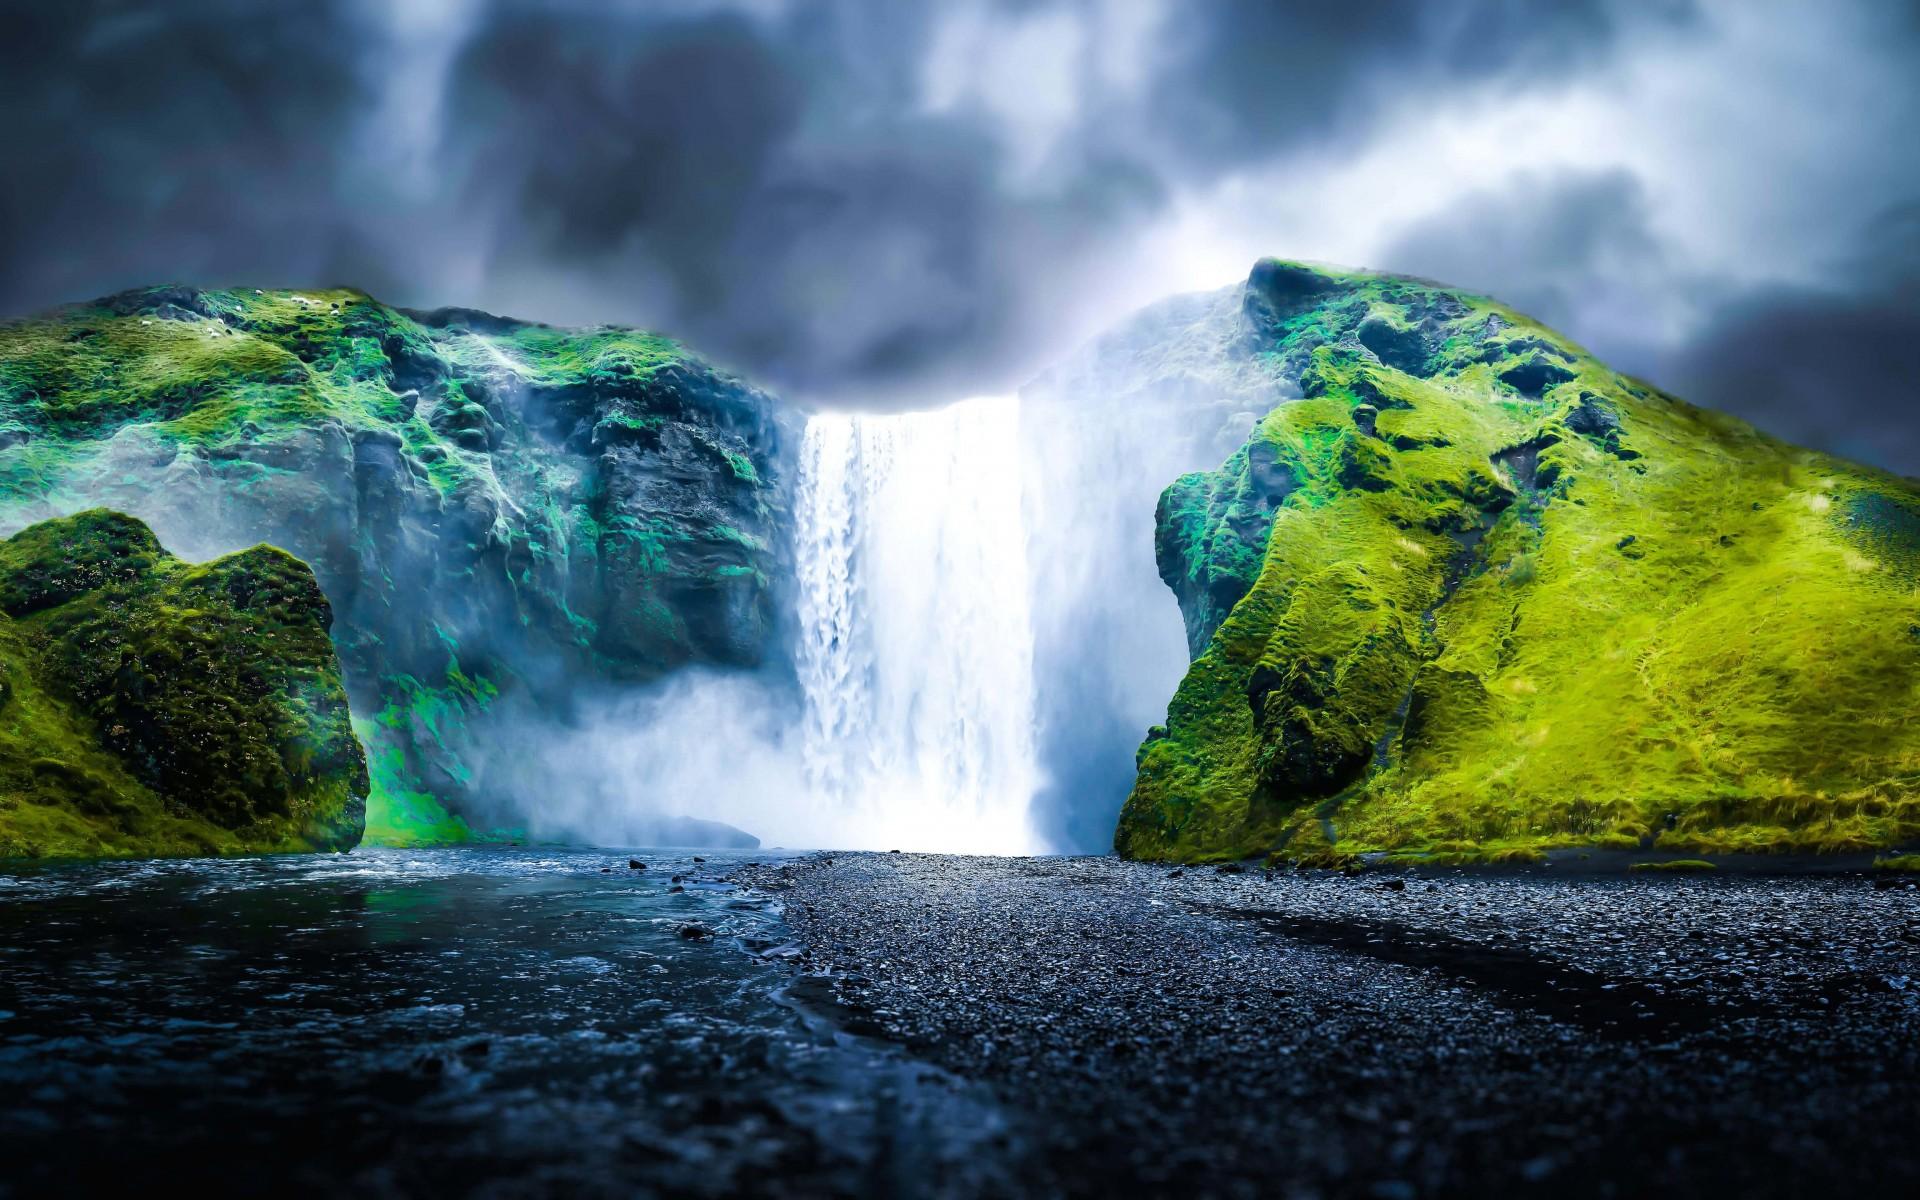 https://www.hdwallpapers.net/wallpapers/dreamy-waterfall-wallpaper-for-1920x1200-71-865.jpg